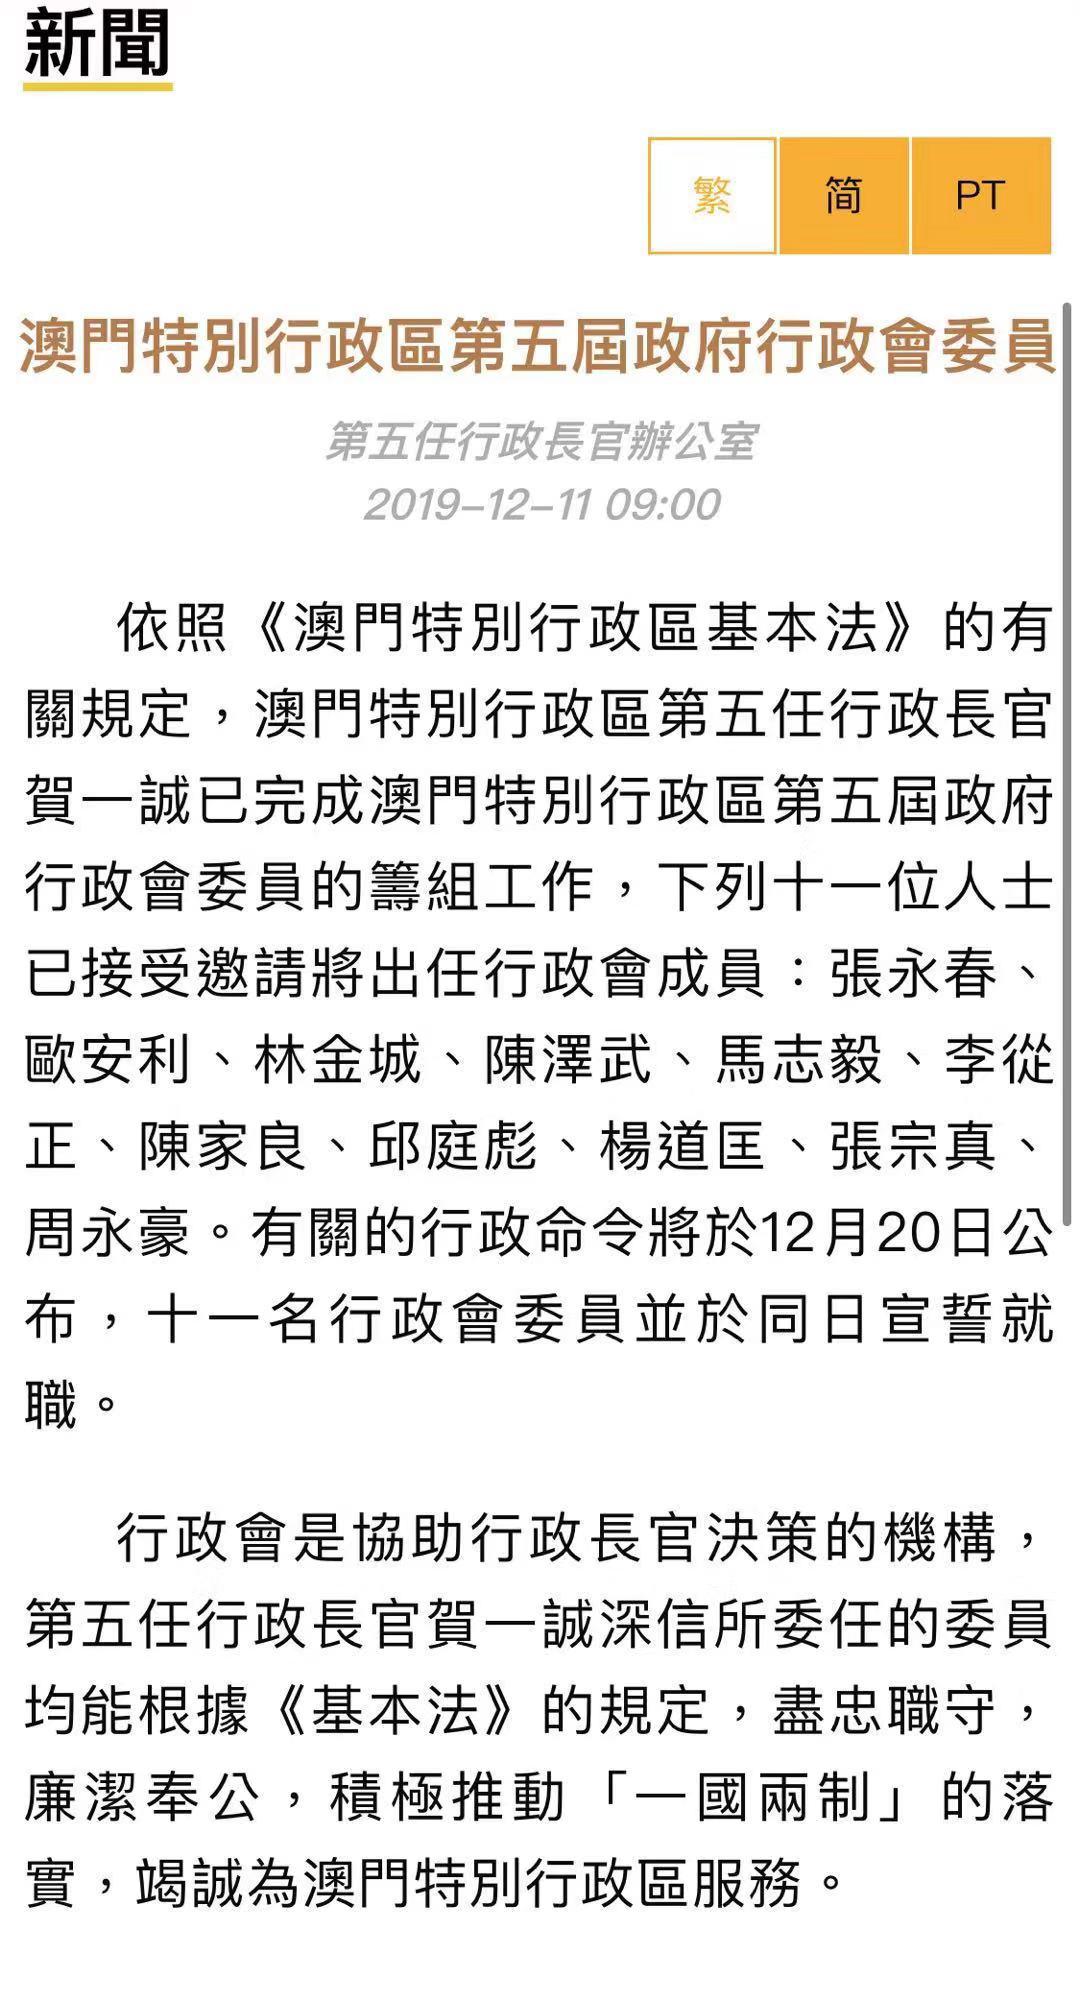 喜讯 永同昌集团董事局主席张宗真先生受邀出任澳门特别行政区第五届政府行政会委员,将于二十日宣誓就职!